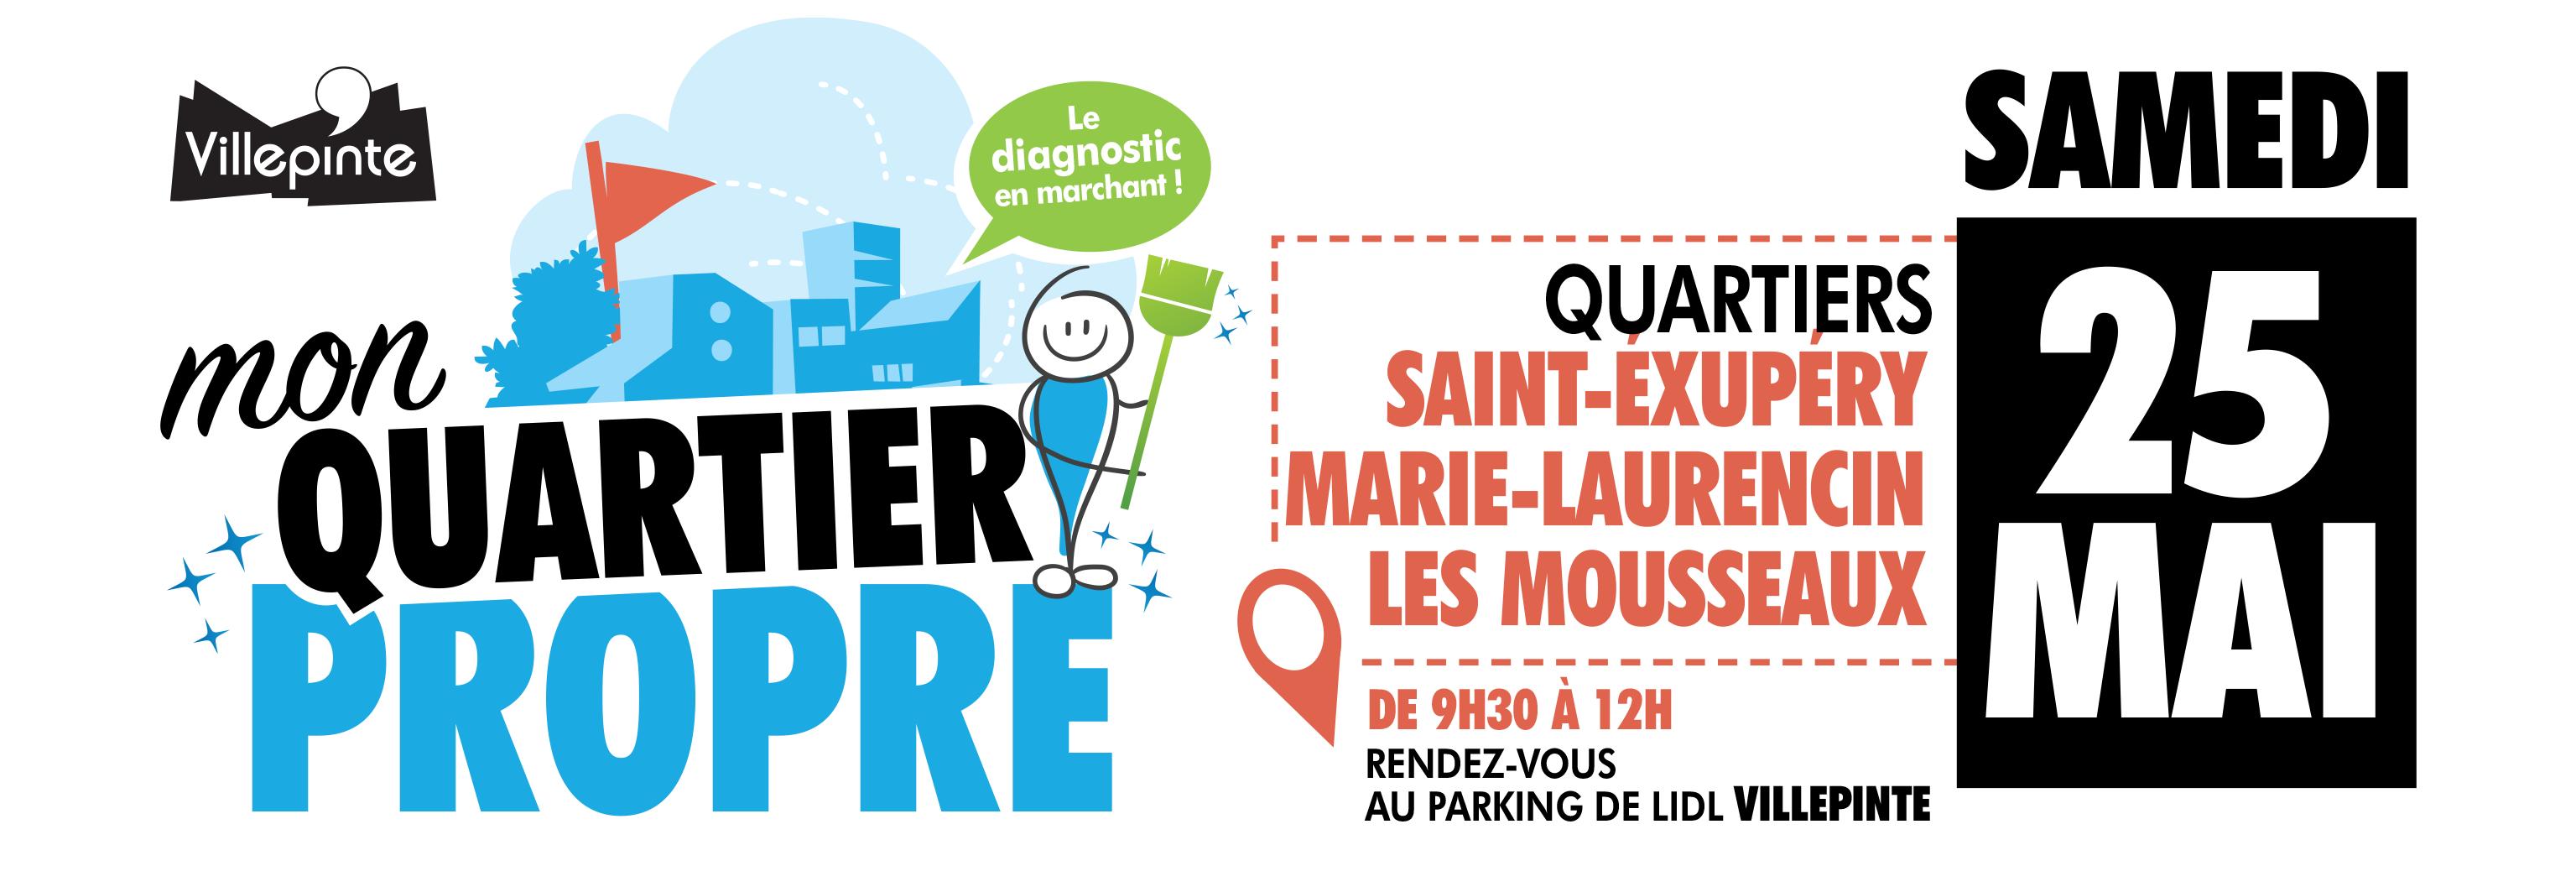 Opération propreté dans la ville de Villepinte de mai à juin 2019 - 25 mai aux Mousseaux / Saint-Exupéry / Marie-Laurencin